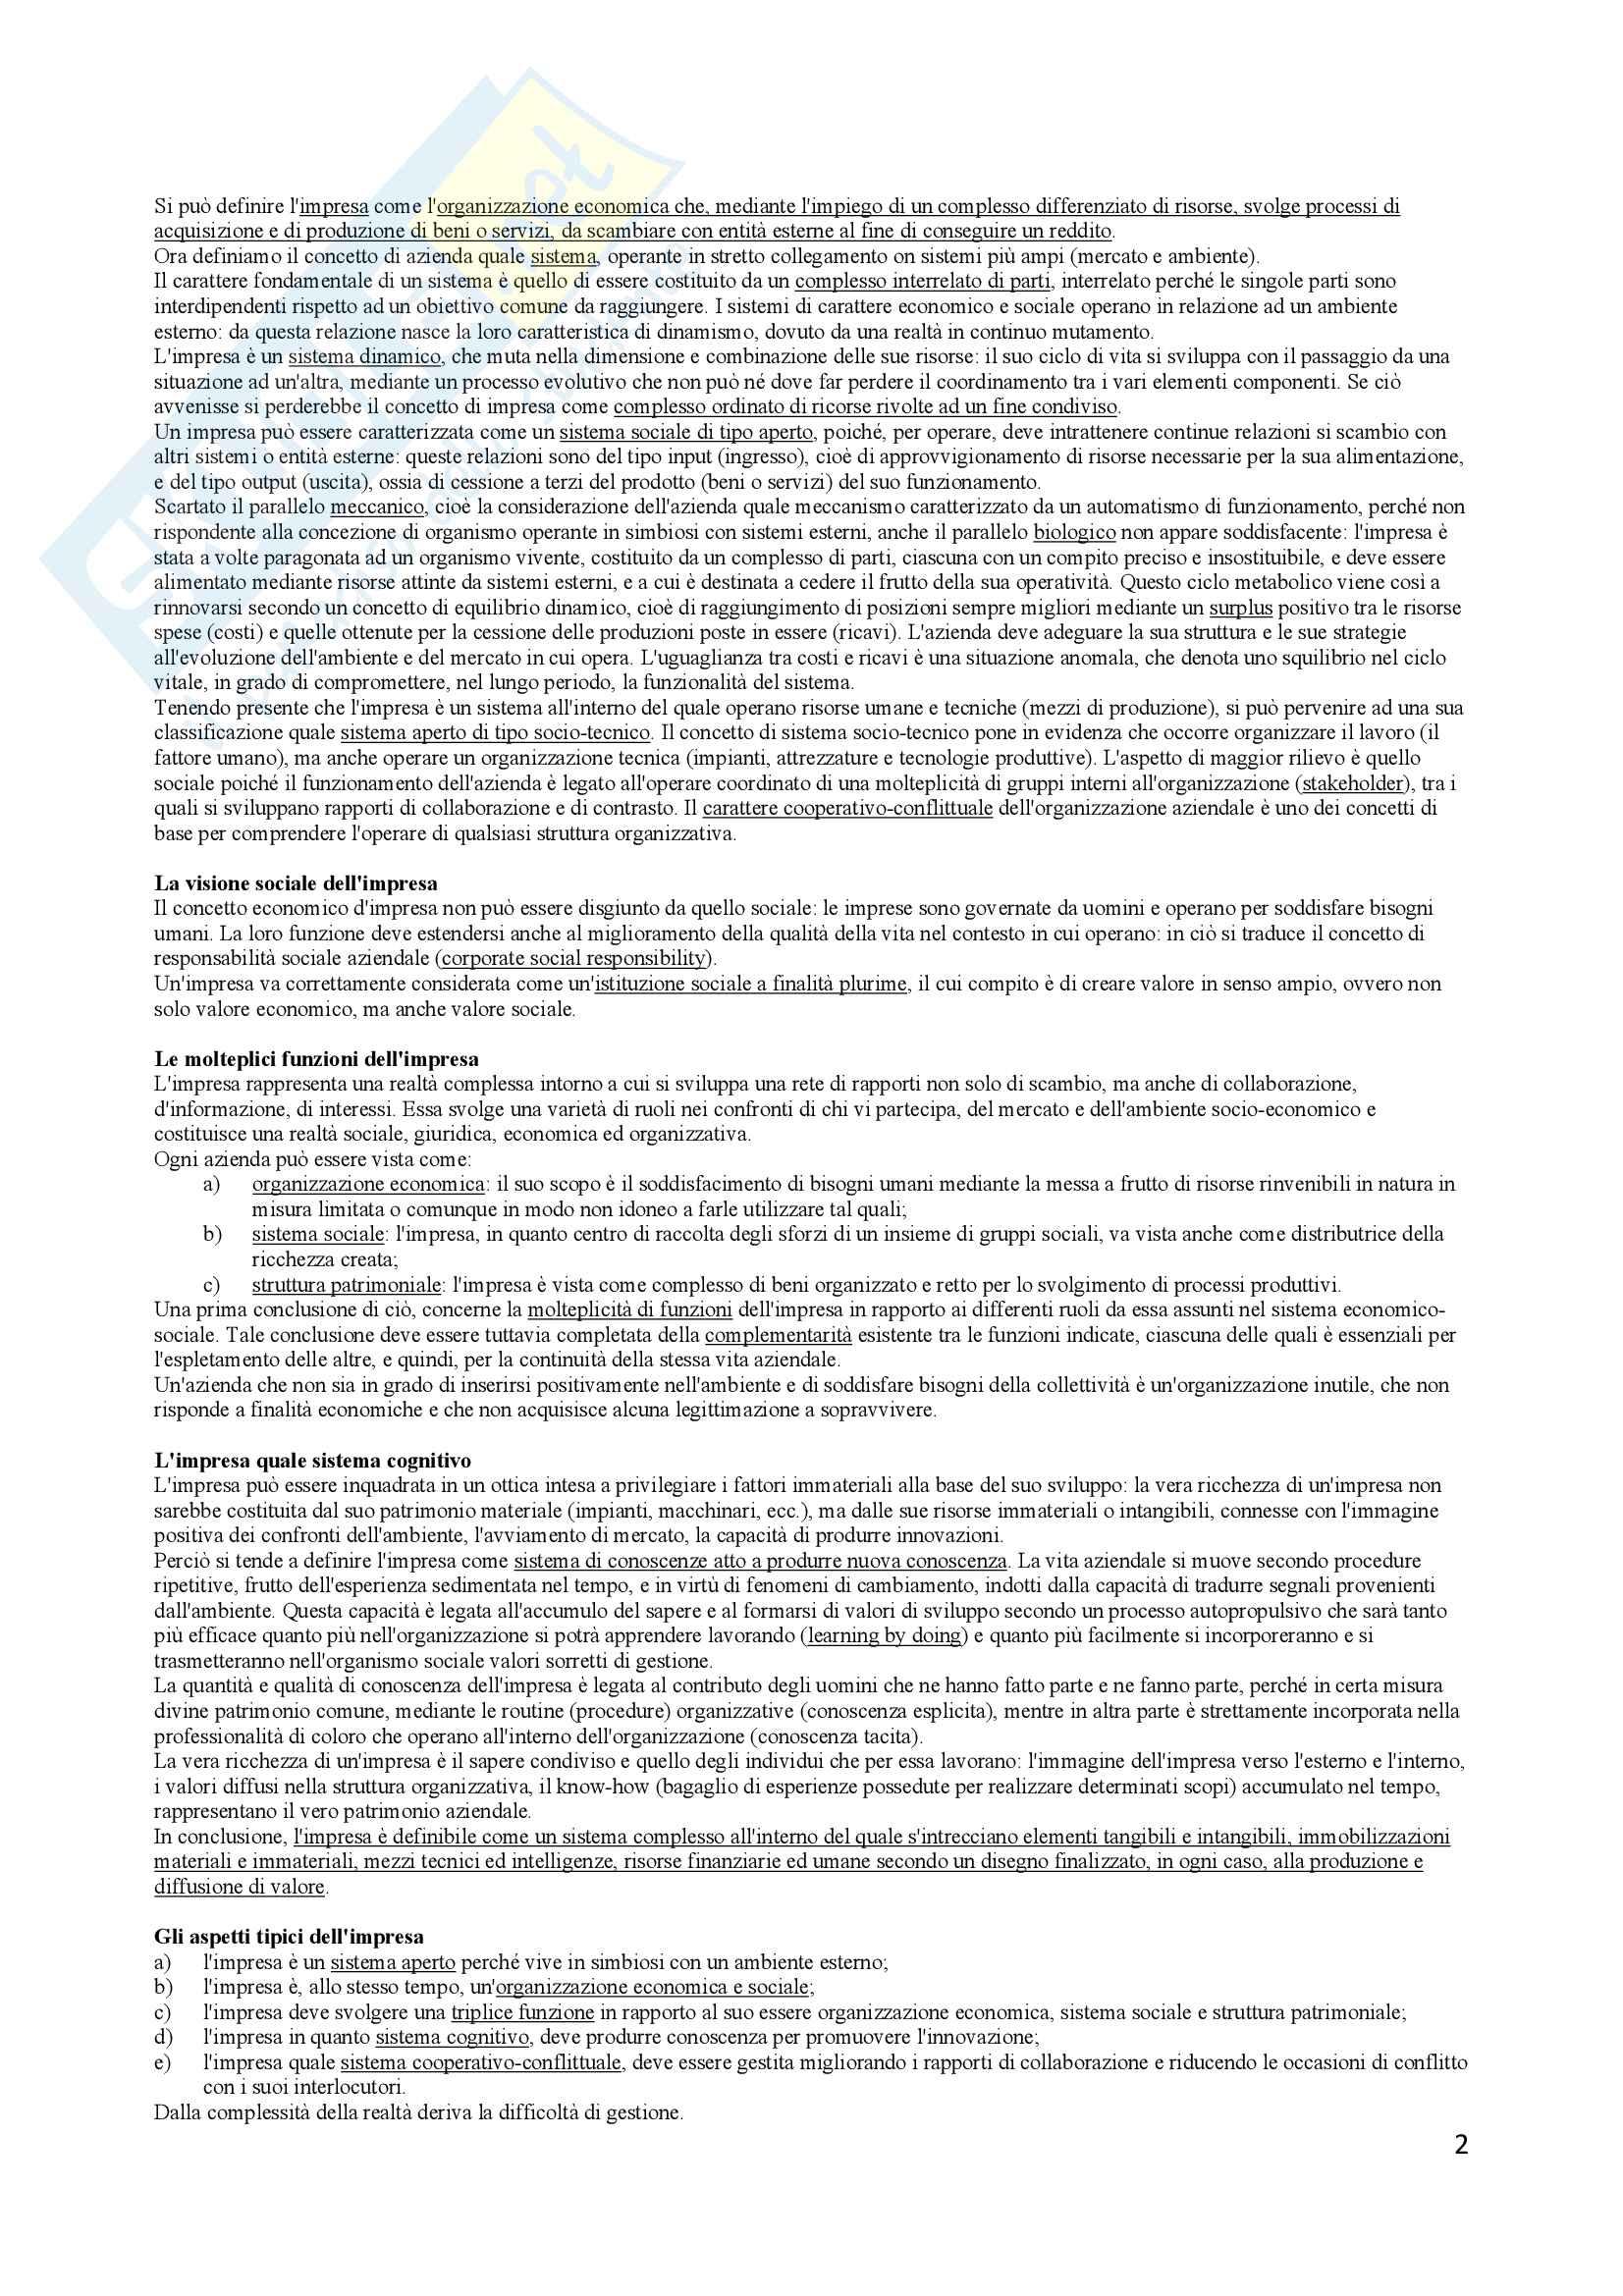 Riassunto esame Economia e gestione delle imprese, docente Vesci-Botti, libro consigliato La gestione dell impresa, Sciarelli Pag. 2